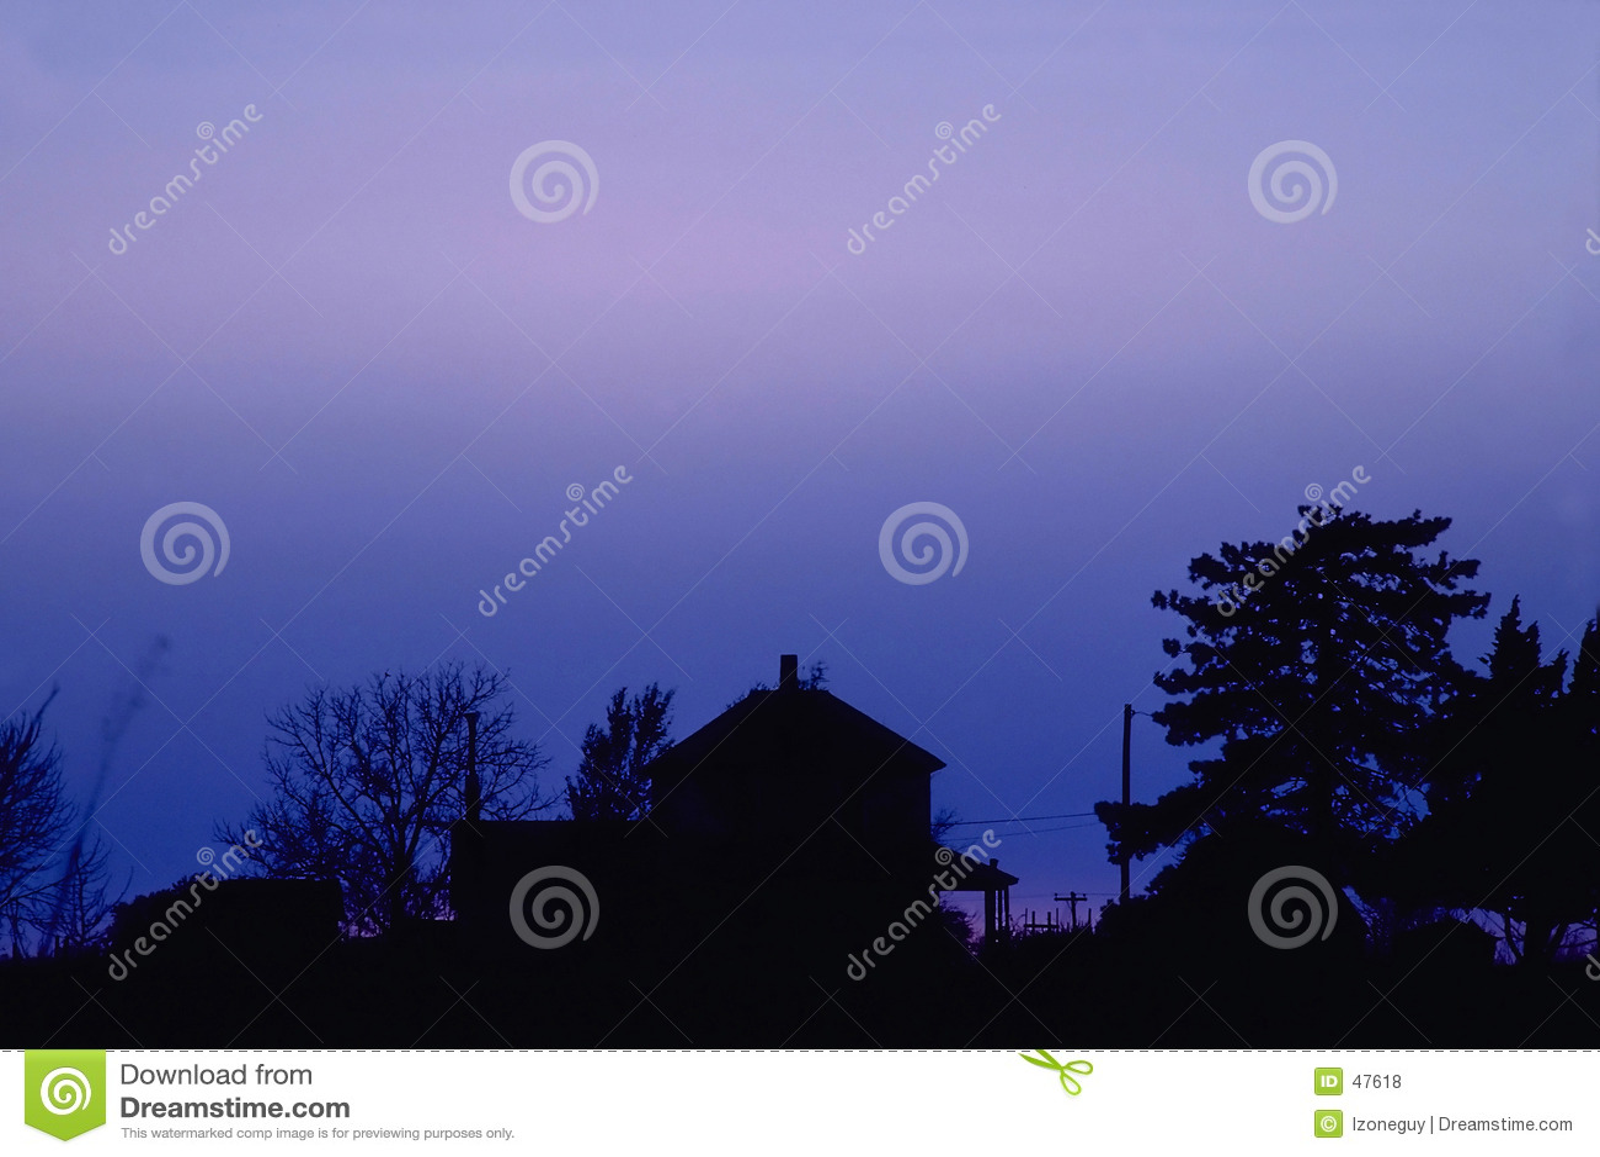 Dusk farmhouse